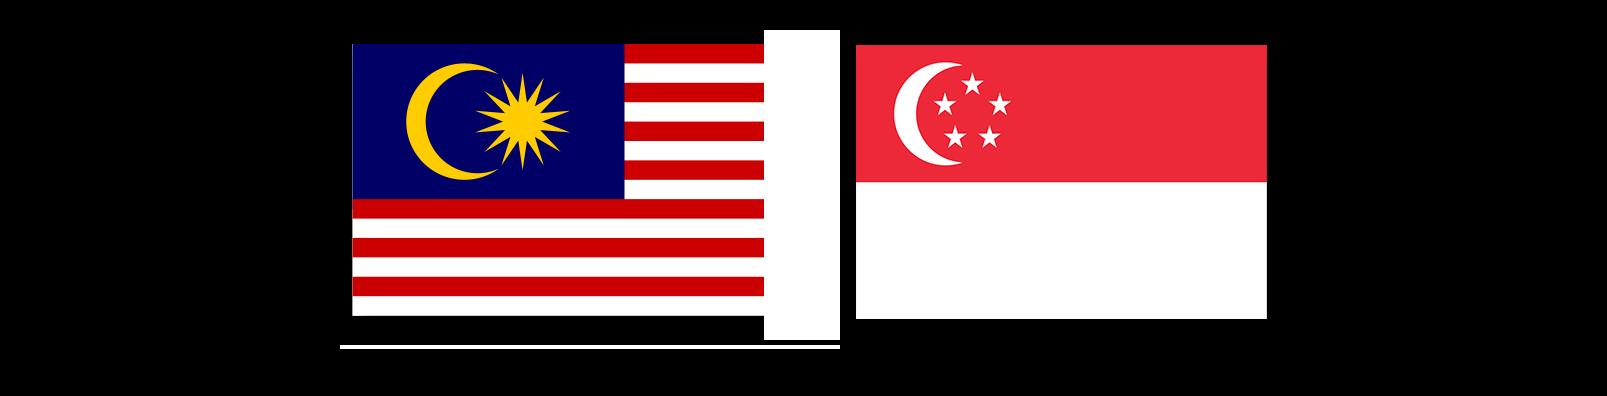 Flags malaysia Singapore